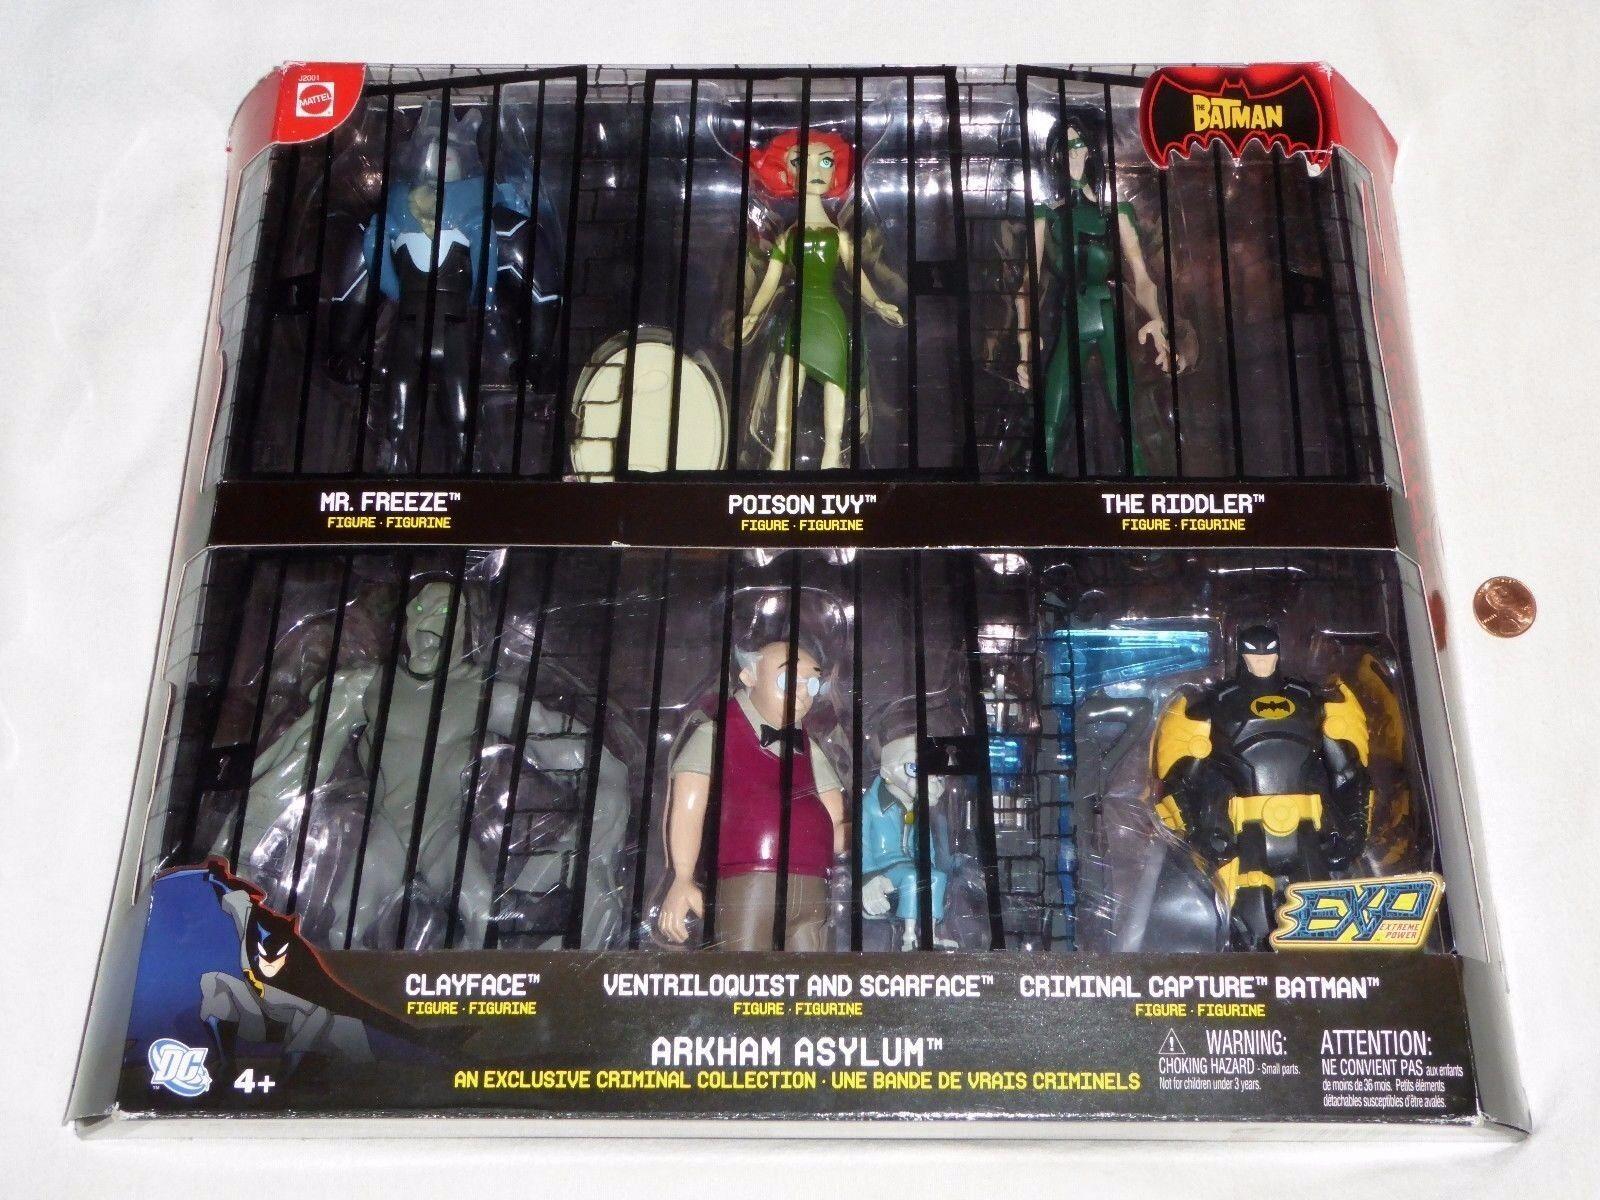 Nueva Colección De Batman Arkham Asylum exclusivo criminal 6 figura conjunto con Scarface